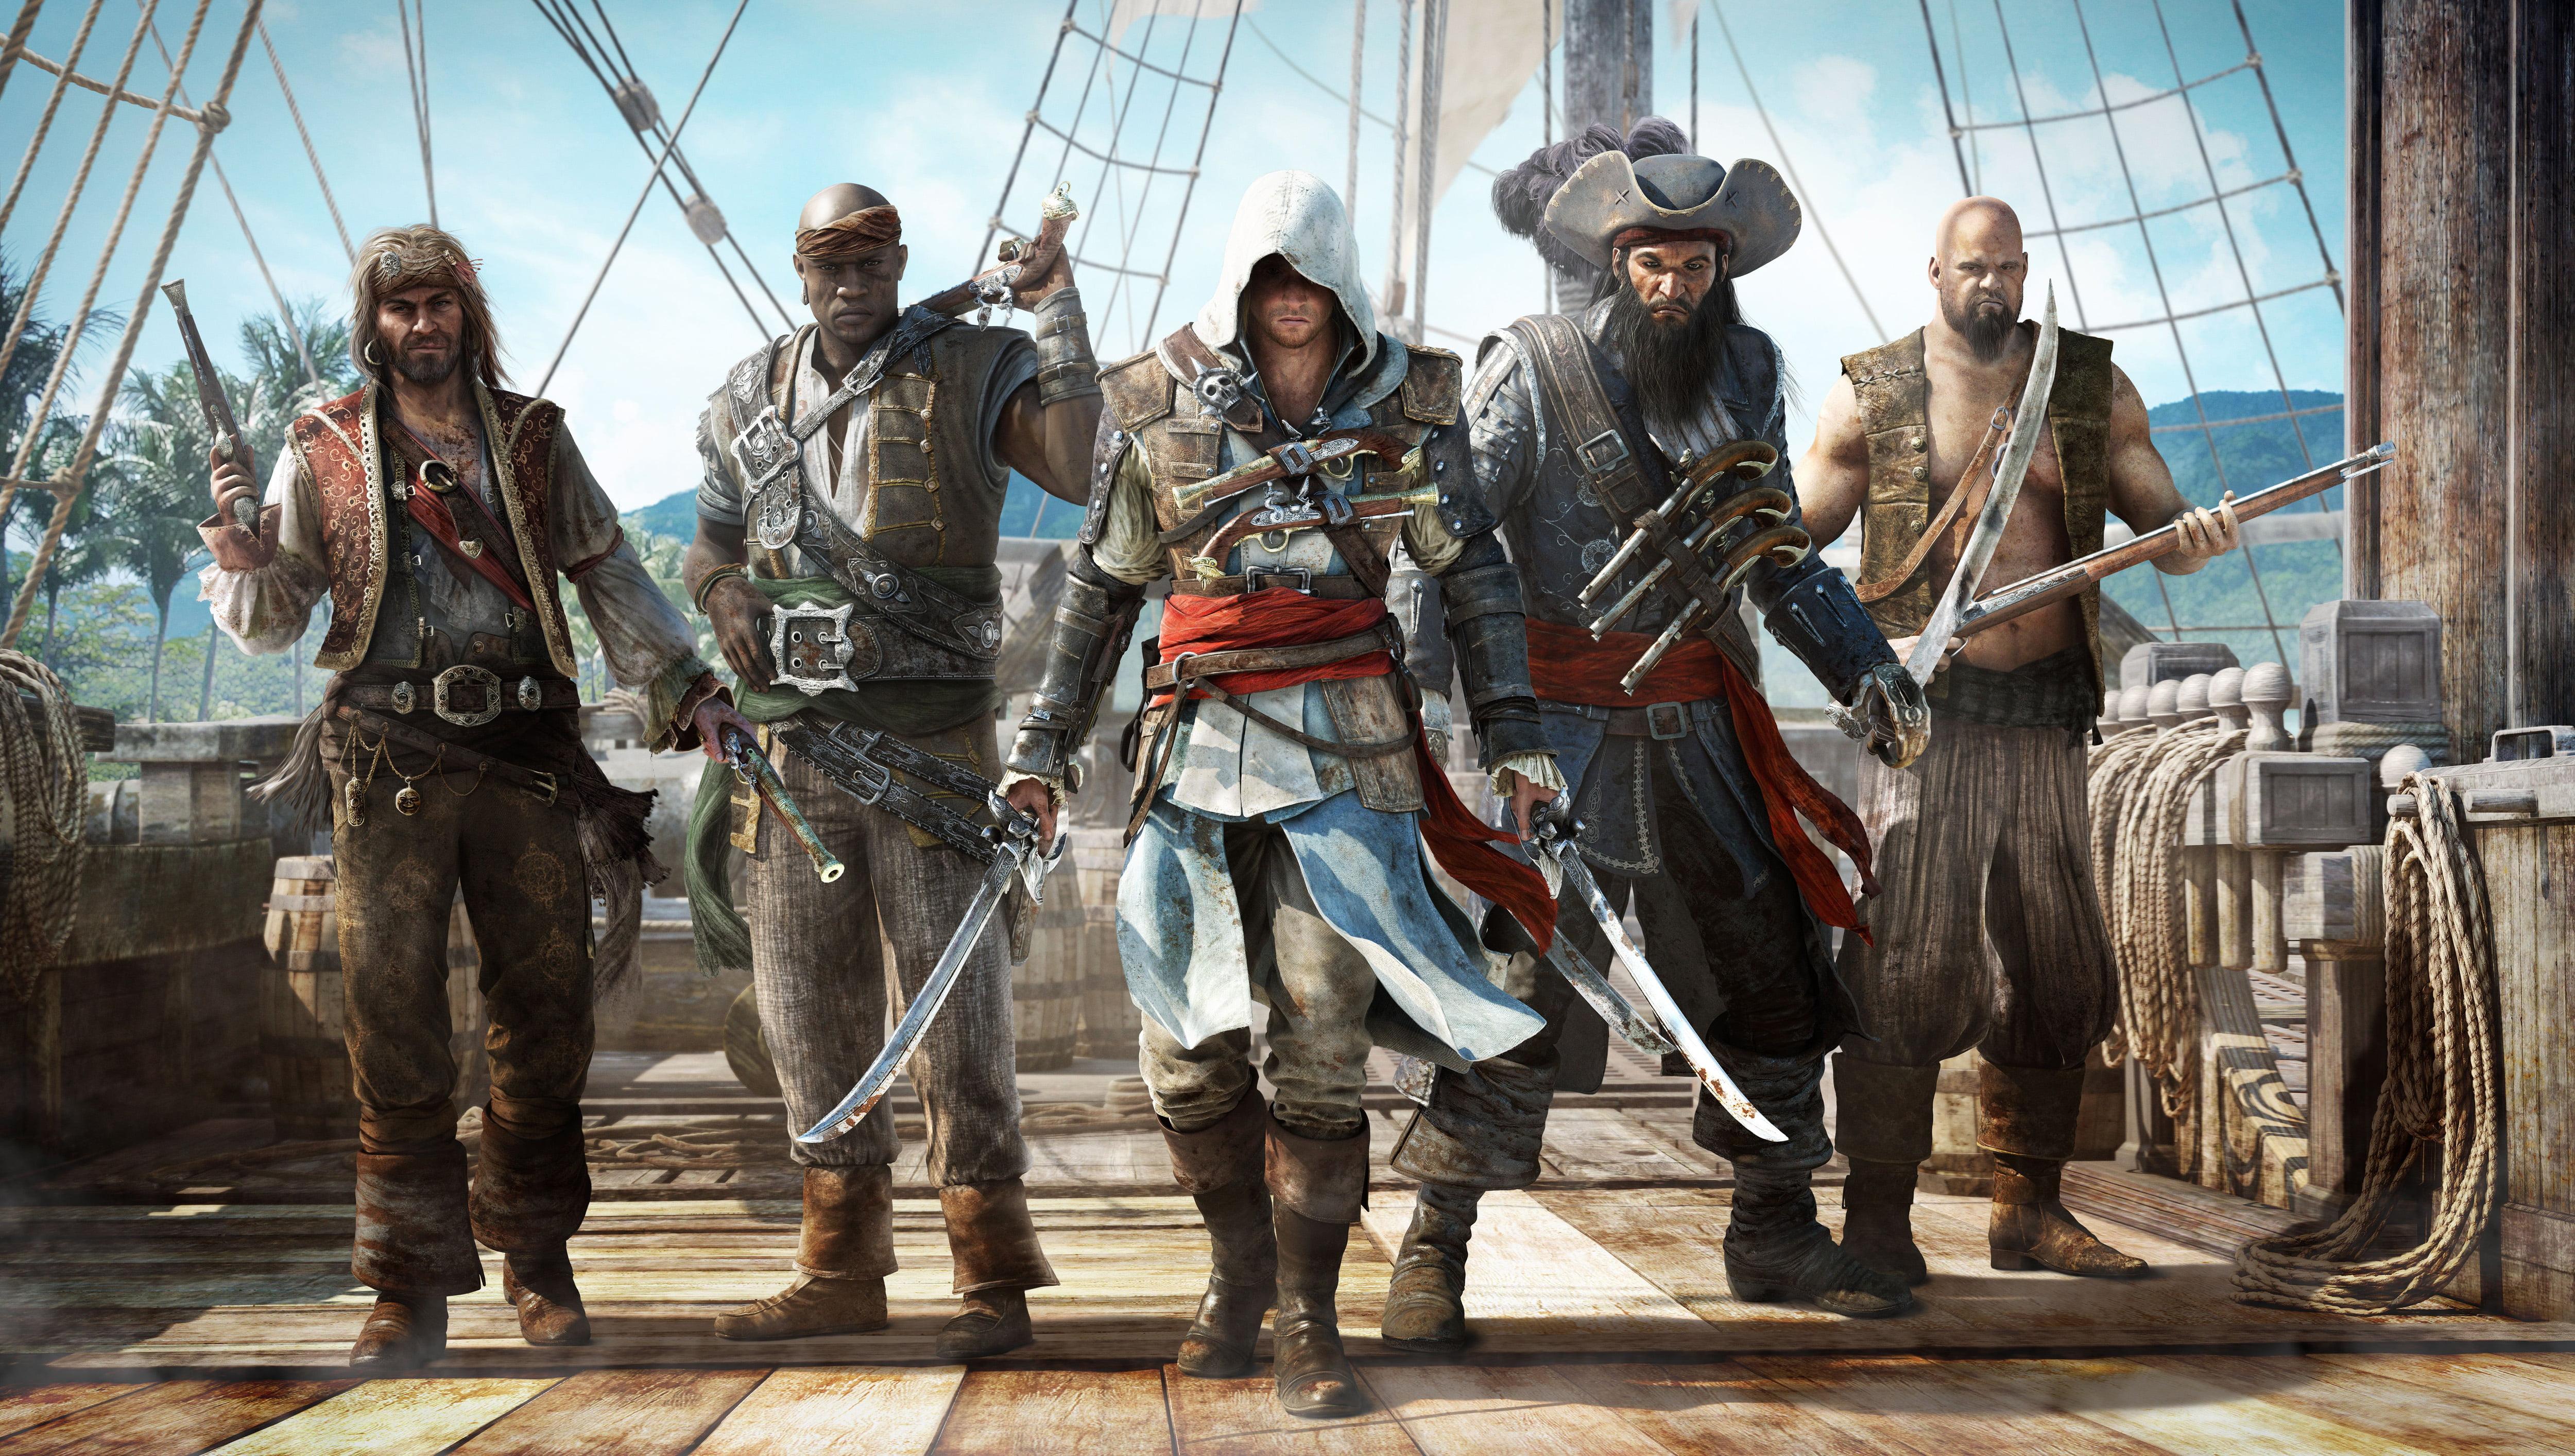 Assansin's Creed'in Filmi Ne Zaman Geliyor?